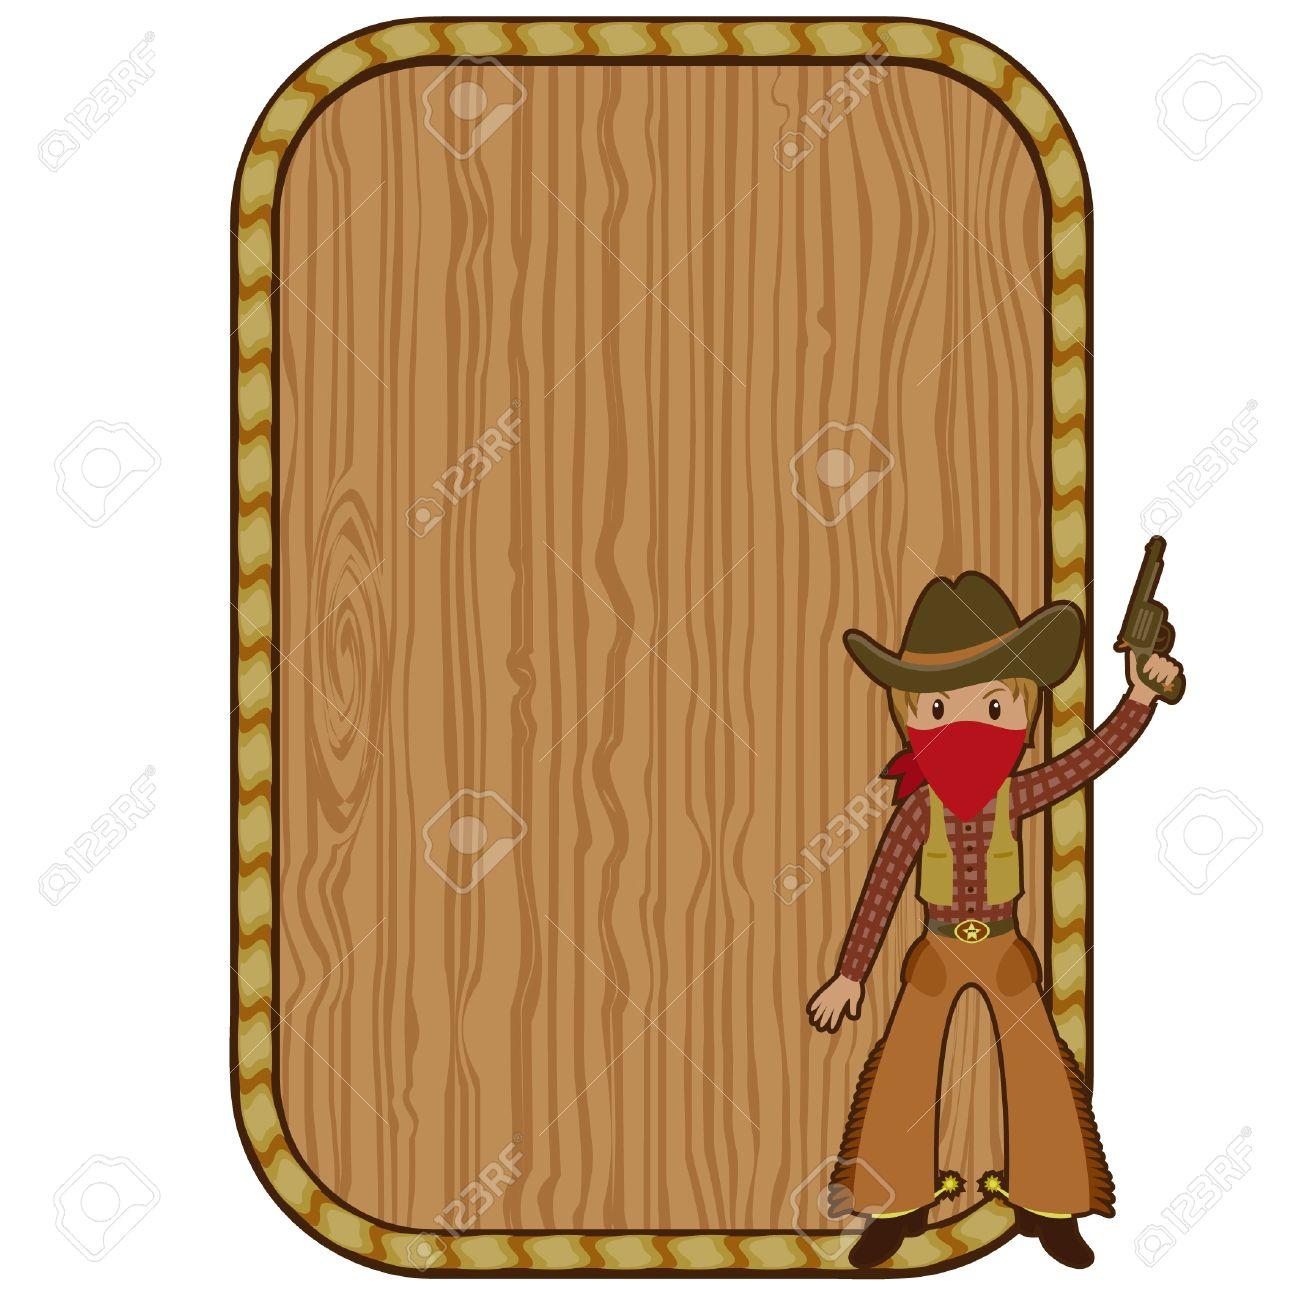 Cartoon Cowboy In Der Nähe Des Hölzernen Leeren Rahmen Lizenzfrei ...